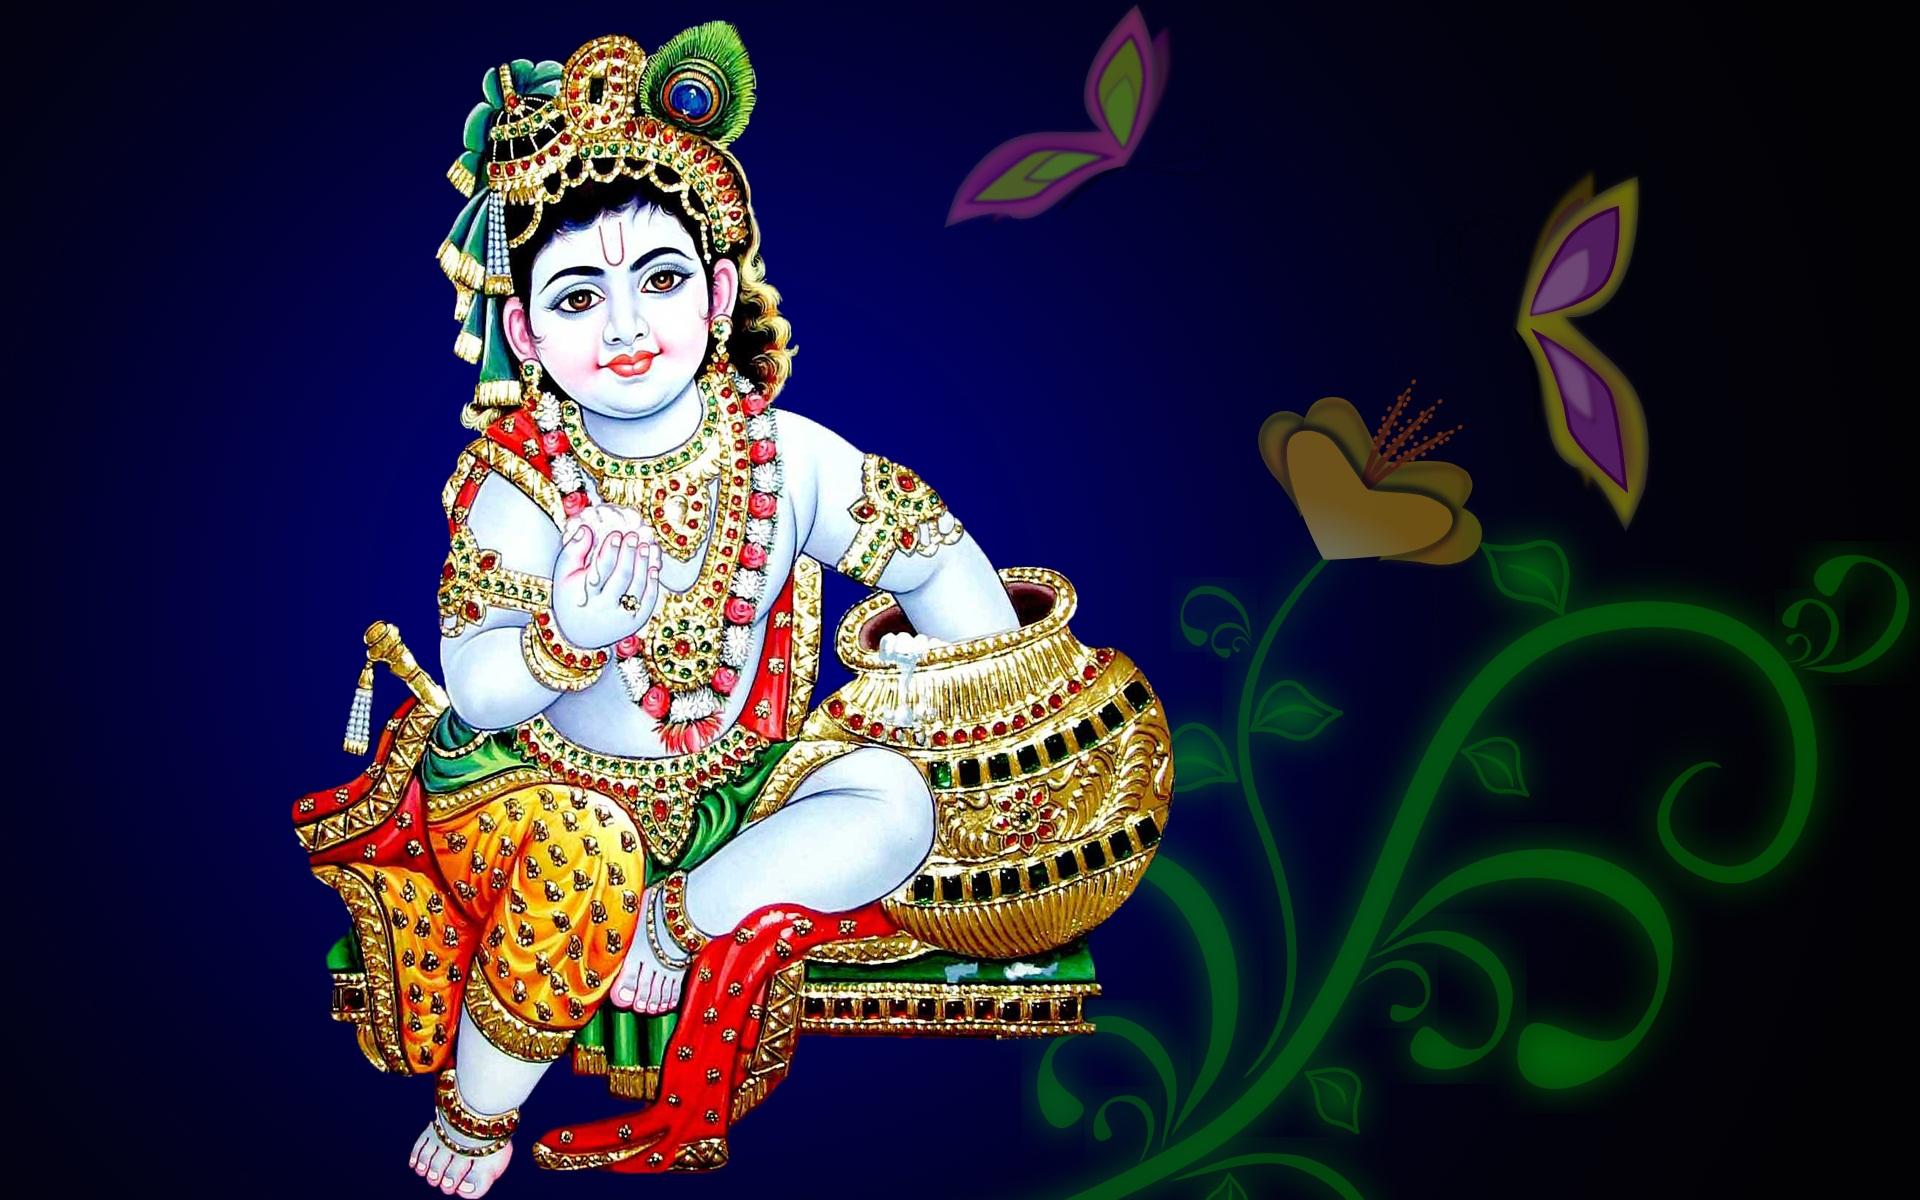 Lord shree bal krishna wallpaper beautiful hd wallpaper - Lord Shree Bal Krishna Wallpaper Beautiful Hd Wallpaper Download Happy Krishna Janmashtami Hd Wallpaper Download